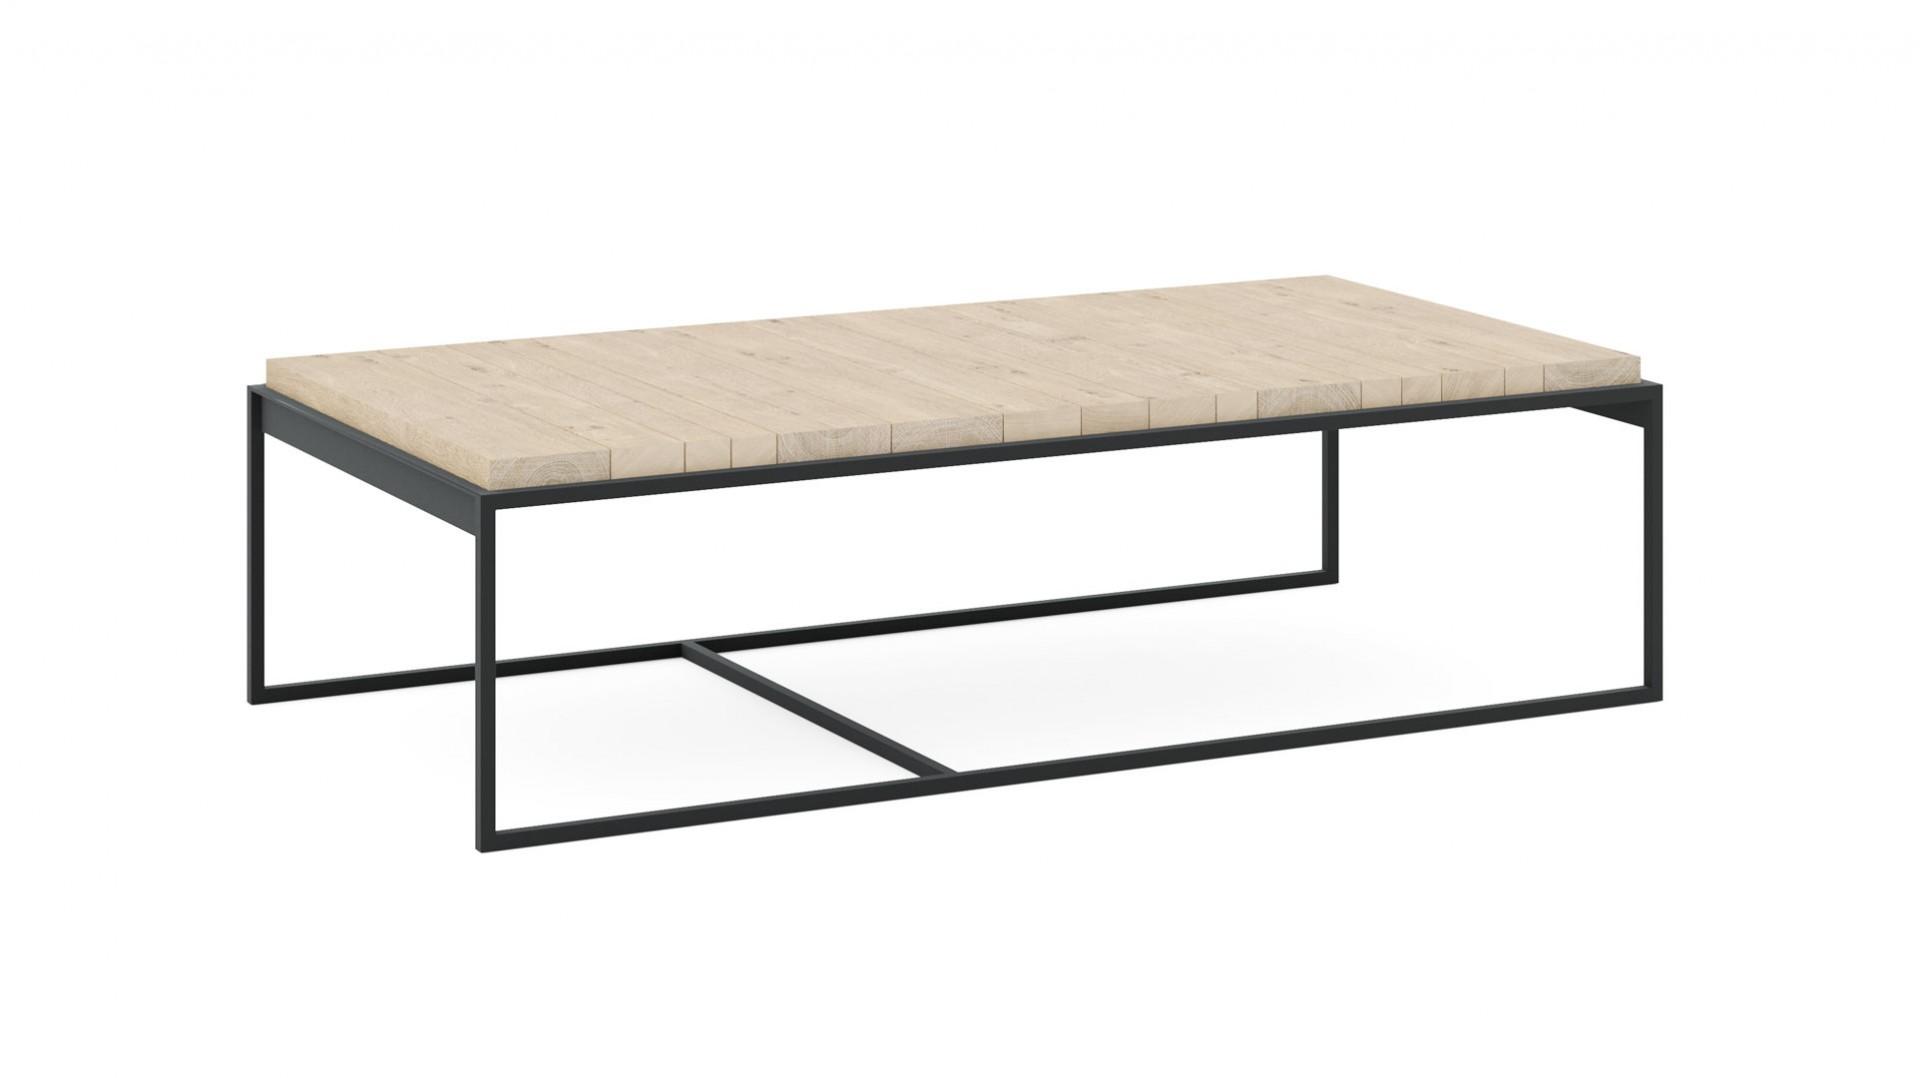 Konferenčný stolík K1 z masívneho dubového dreva a čiernej ocele